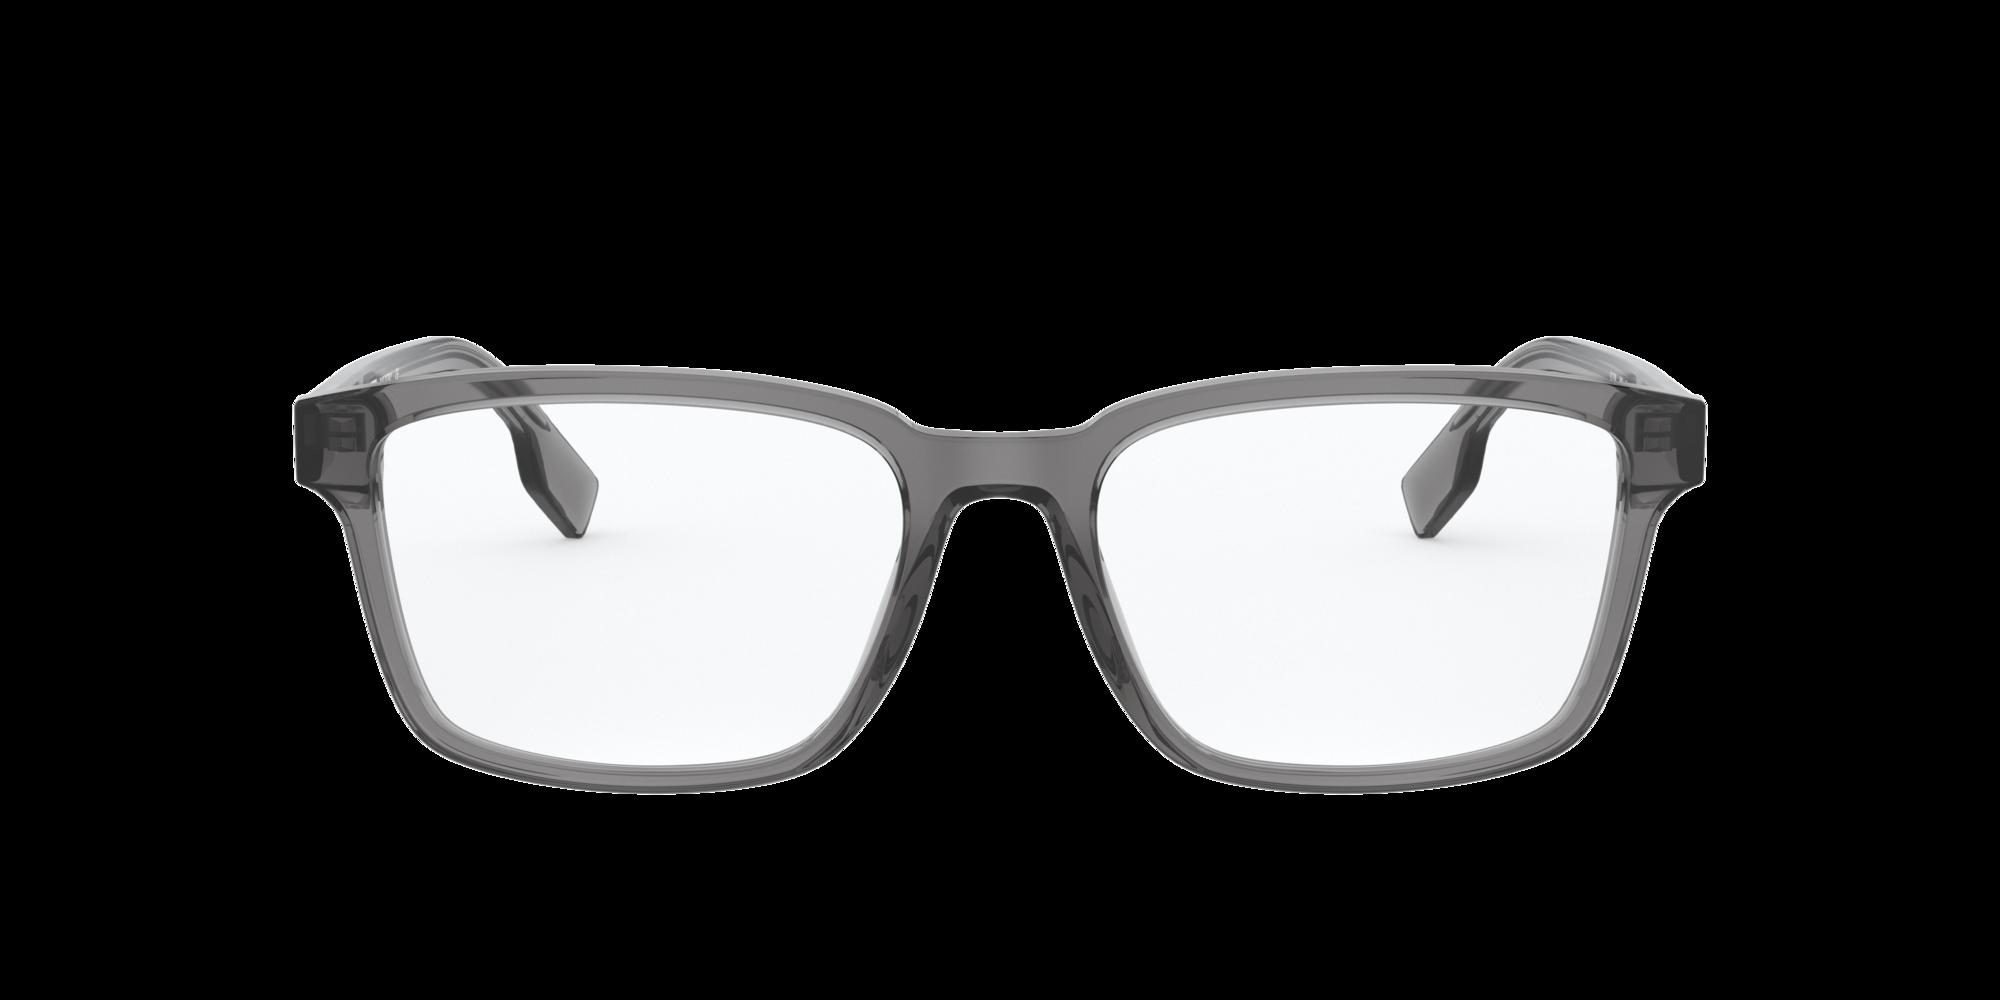 Imagen para BE2308 de LensCrafters    Espejuelos, espejuelos graduados en línea, gafas